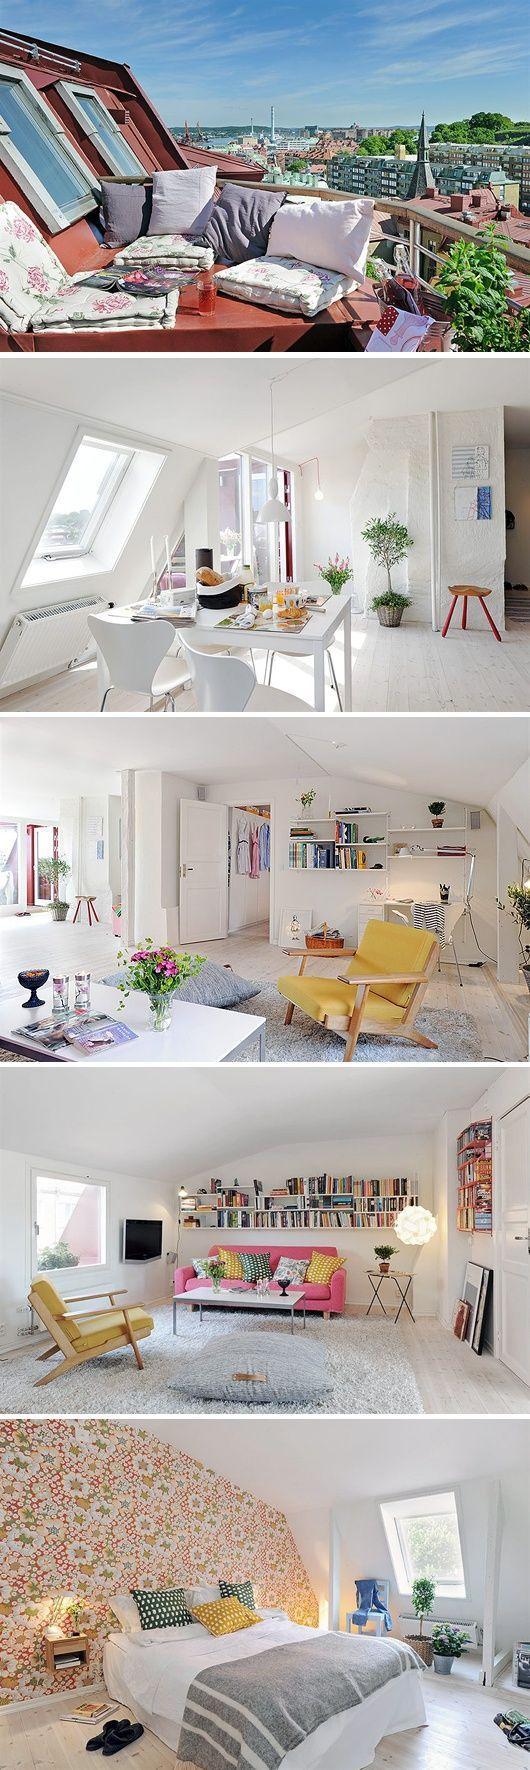 Thiết kế phòng đẹp và tiện lợi cho gác xép